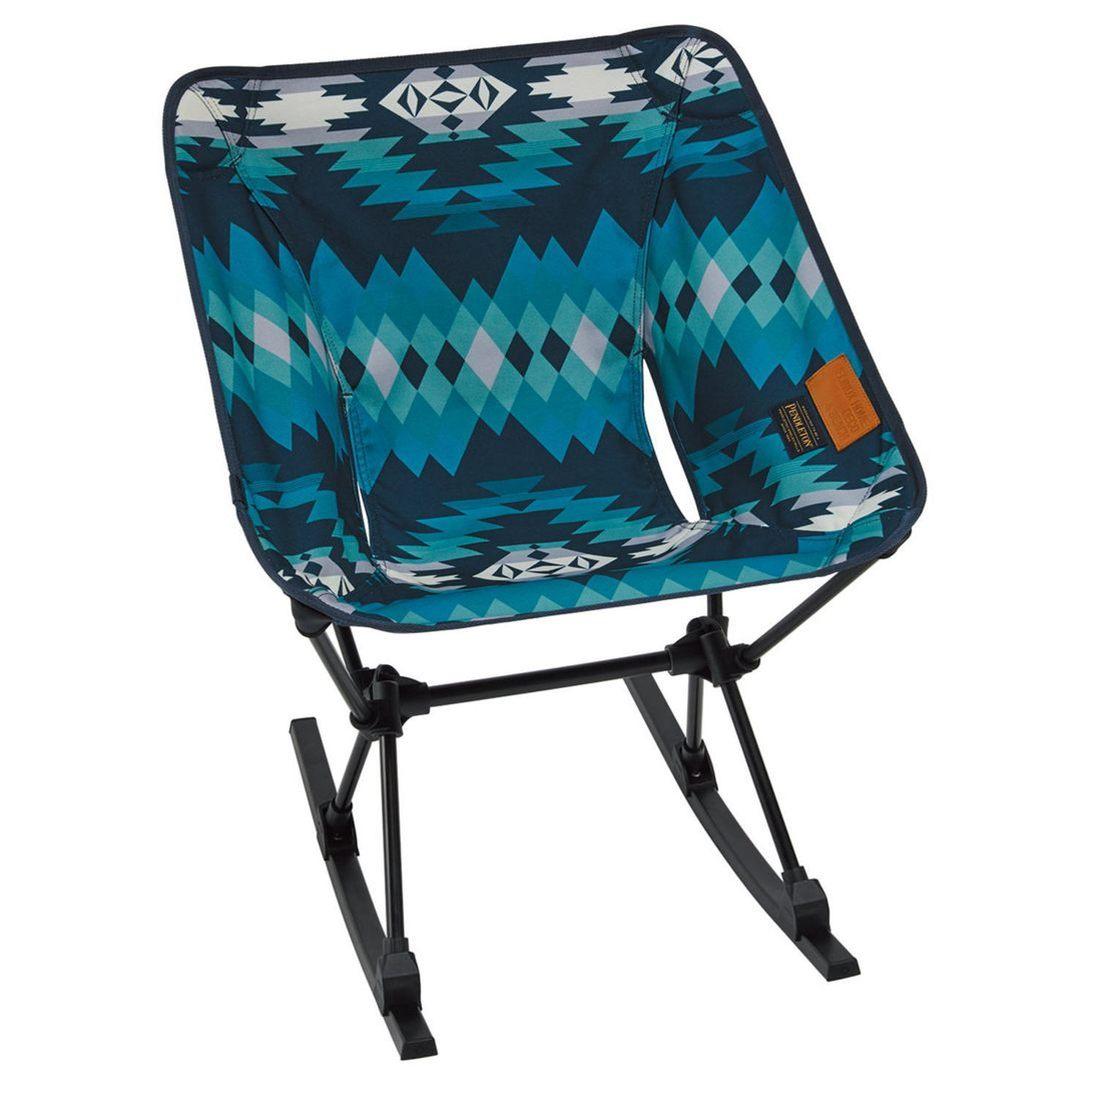 ヘリノックス ペンドルトン ホームチェアー ロッキングフットセット 折りたたみ椅子チェアー  国内正規品